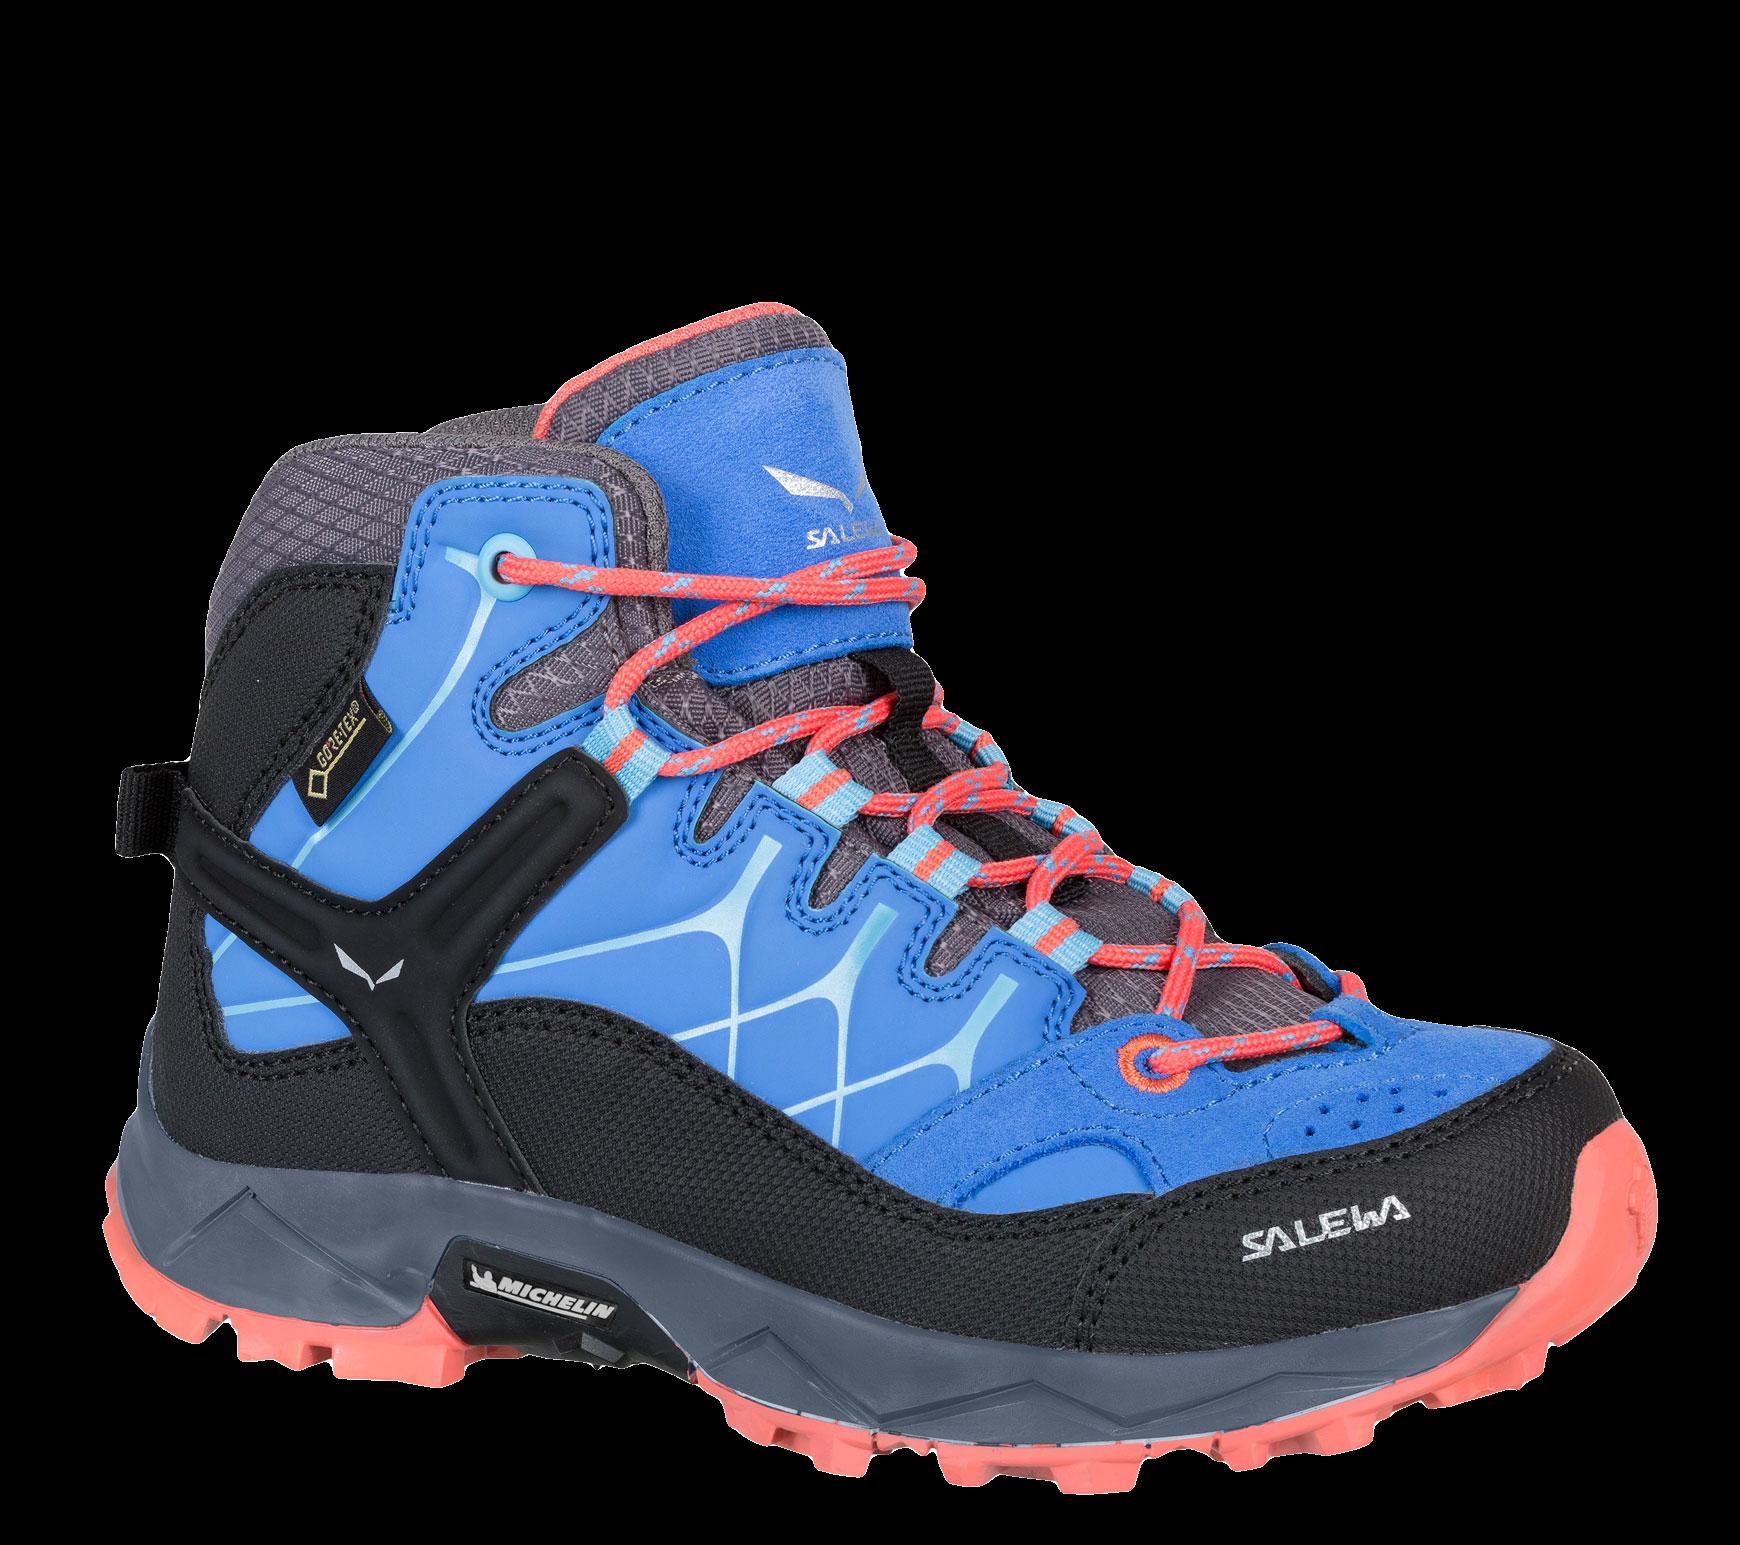 Salewa Alp Trainer Mid GORE-TEX - Wander- und Trekkingschuh - Kinder